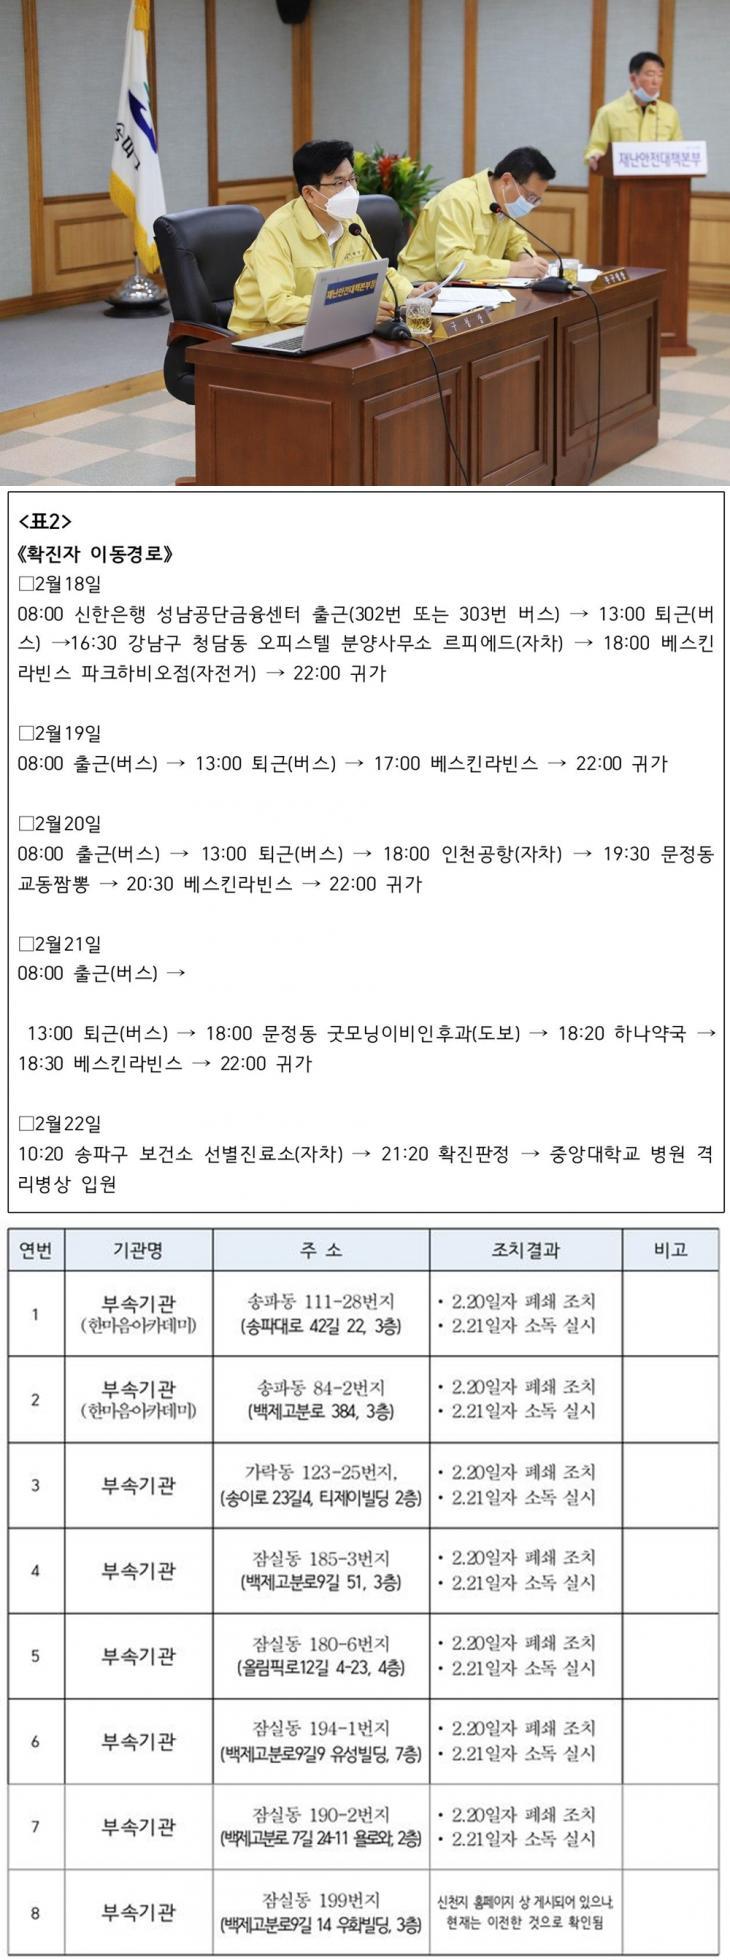 박성수 송파구청장 페이스북